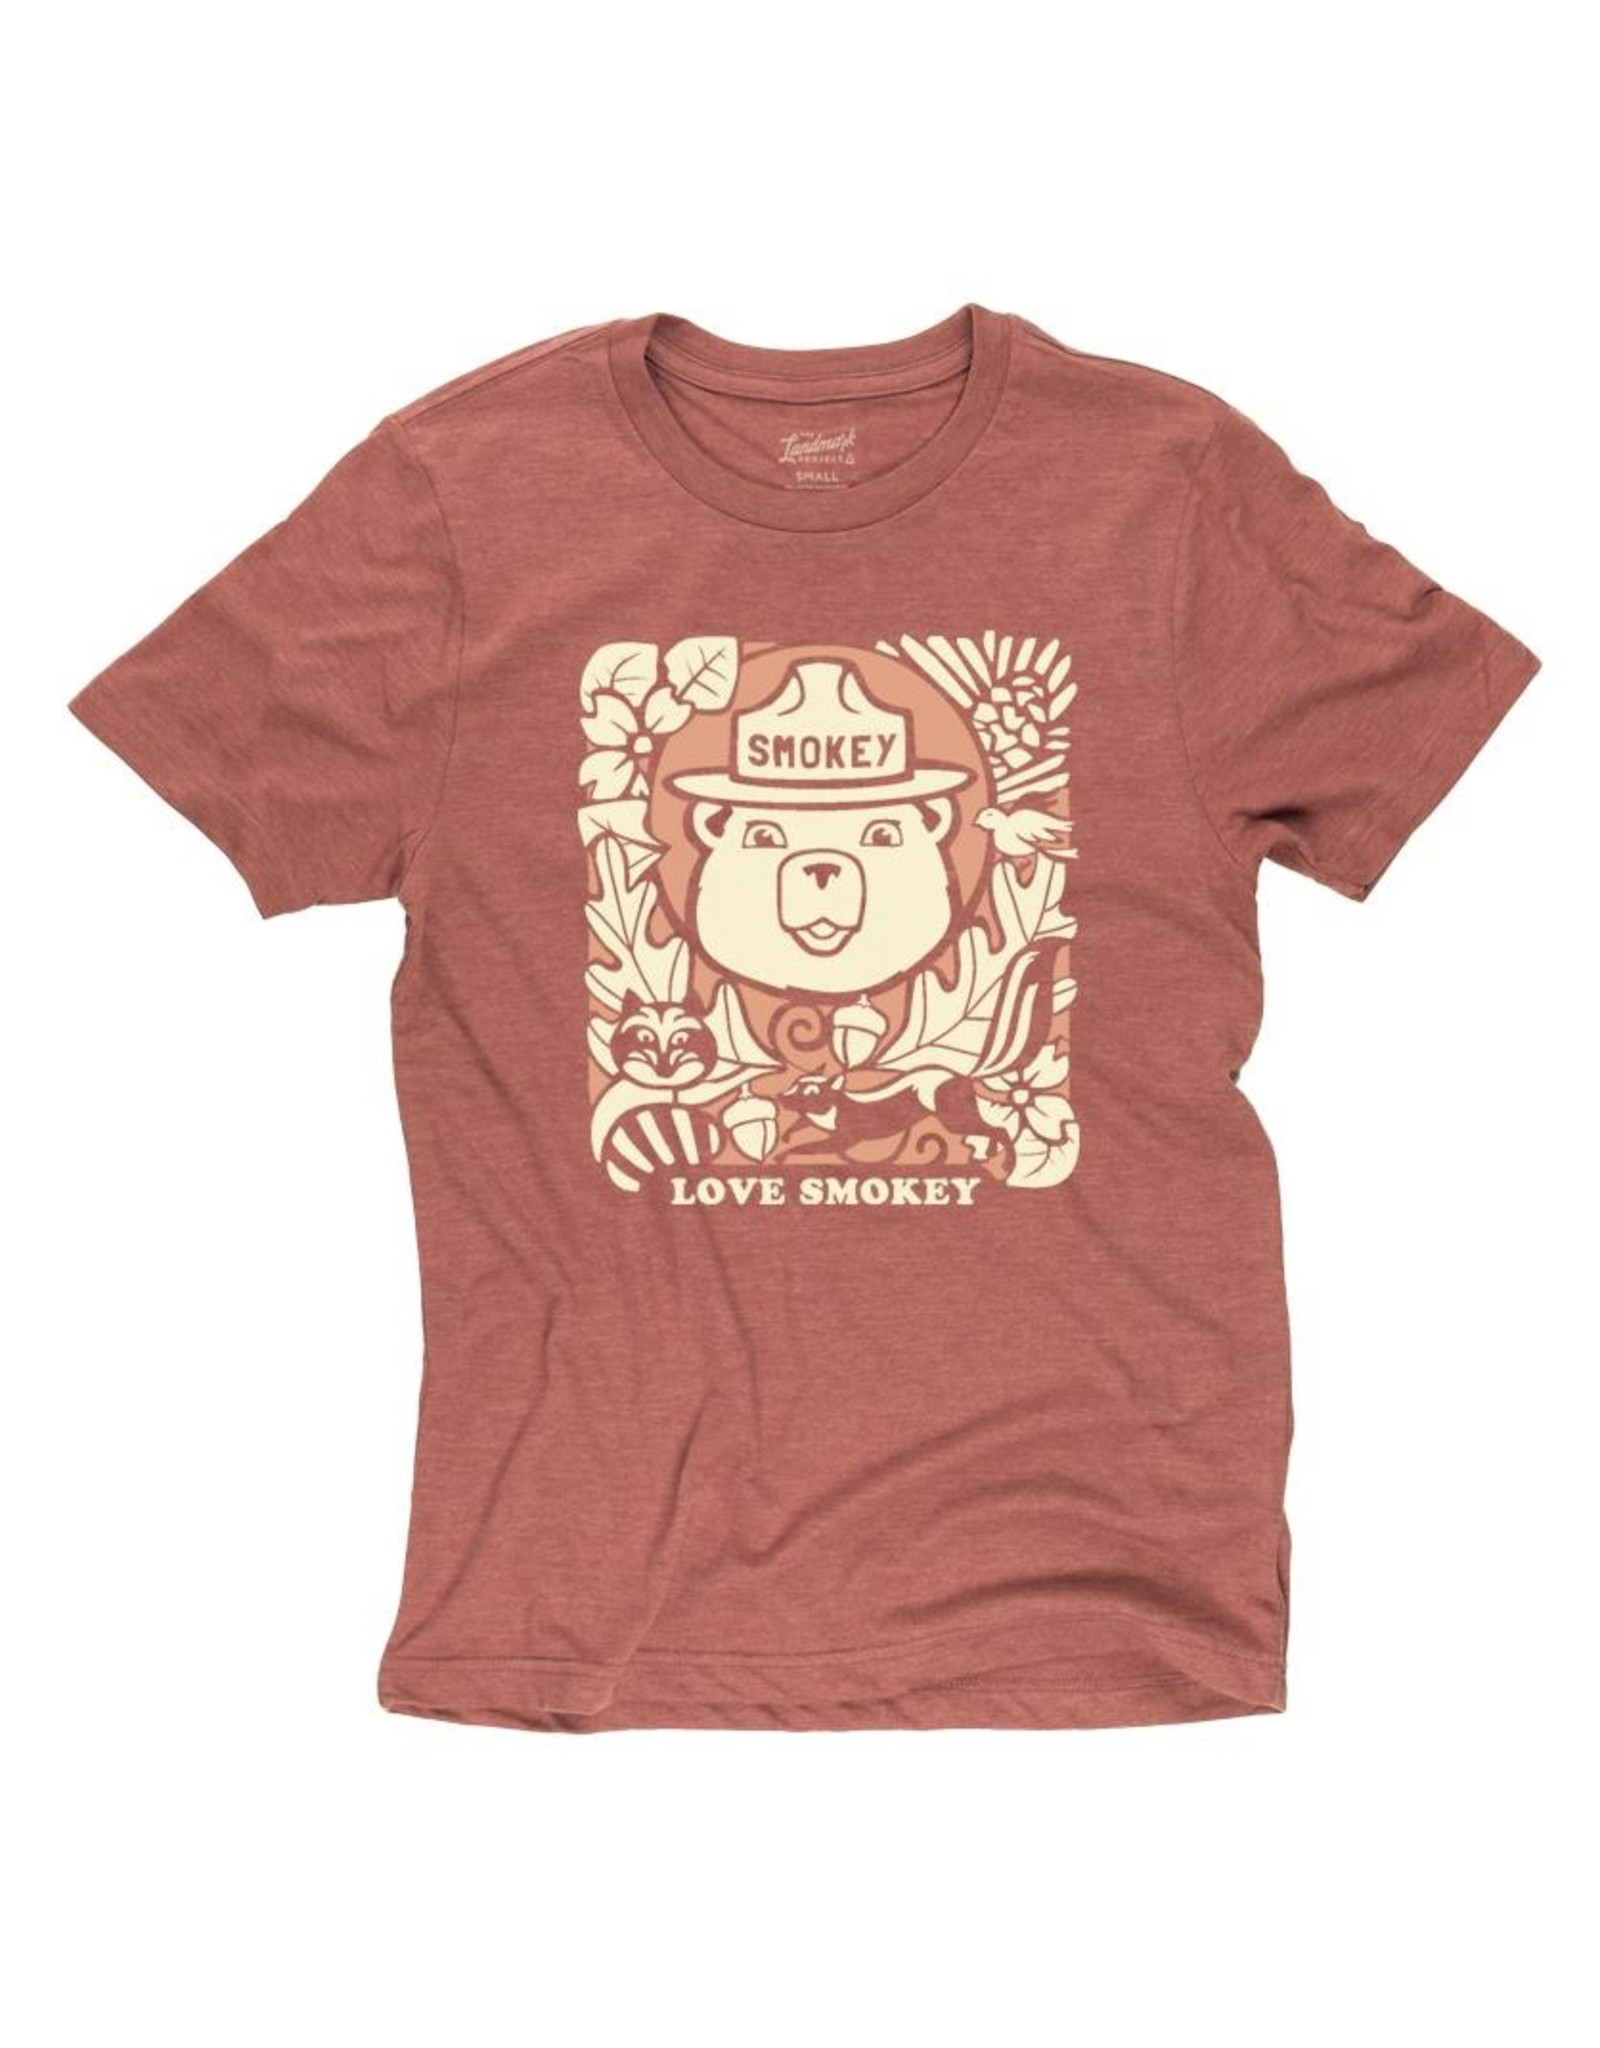 Love Smokey T-Shirt